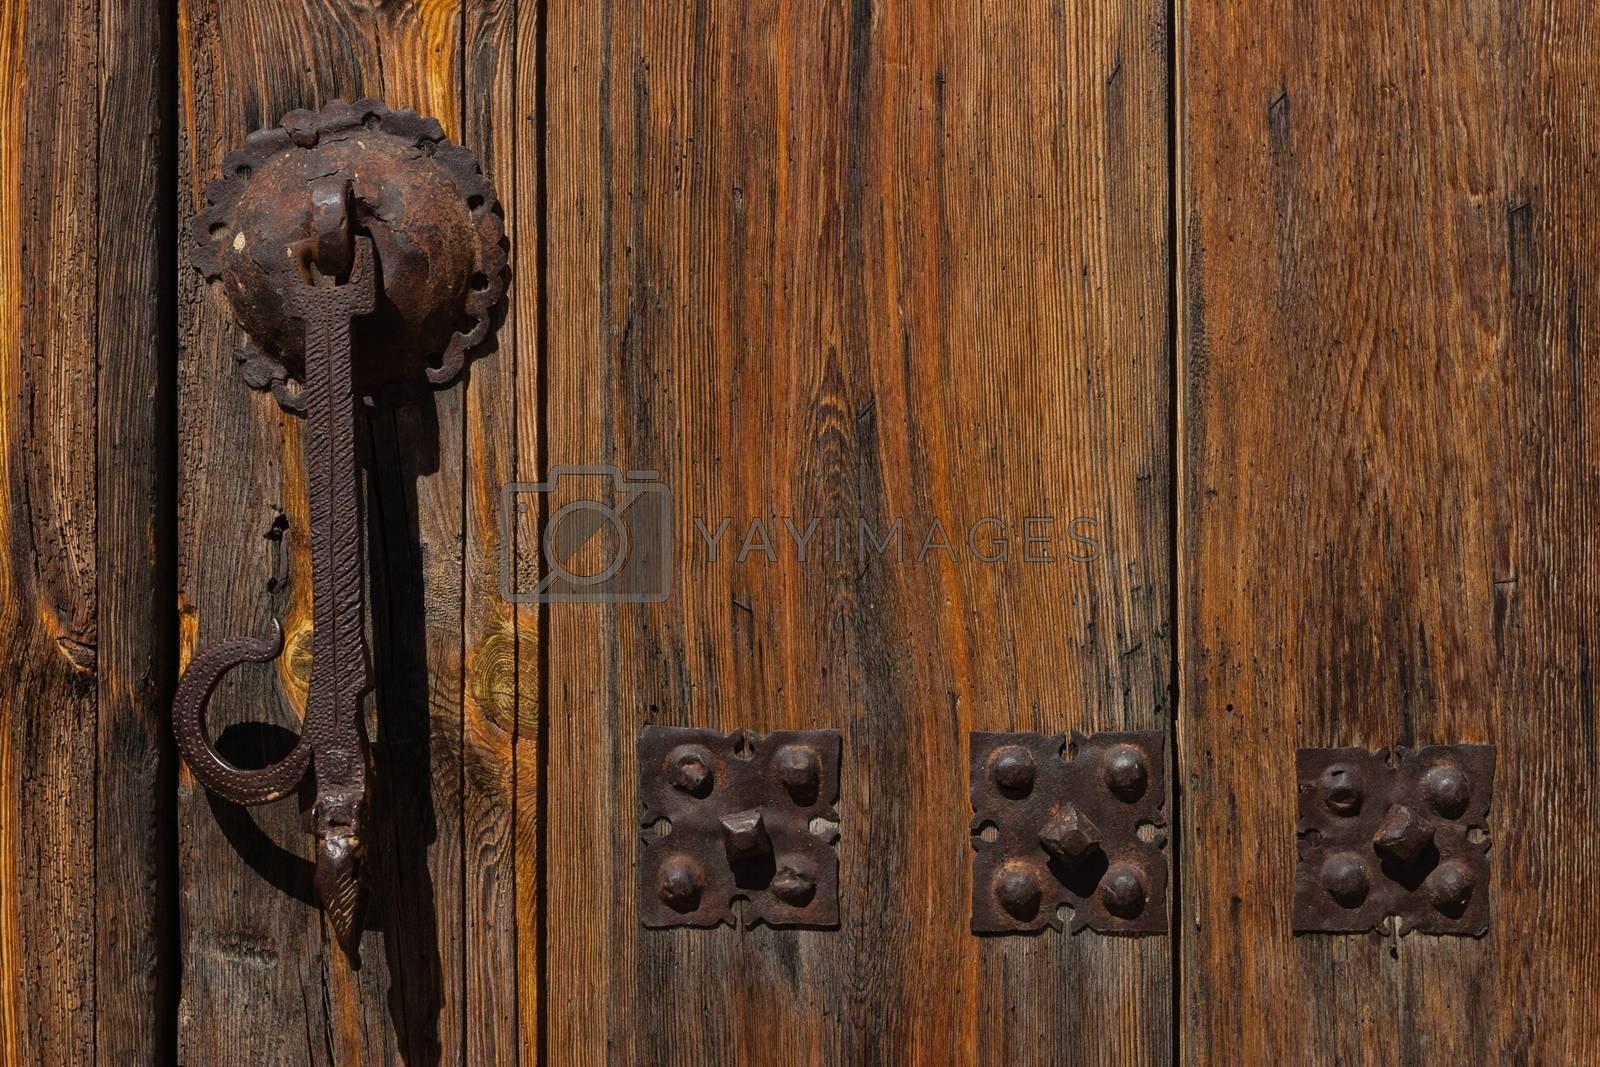 Door knocker in a house entrance door in the village of Moron de Almazan Province of Soria, Spain